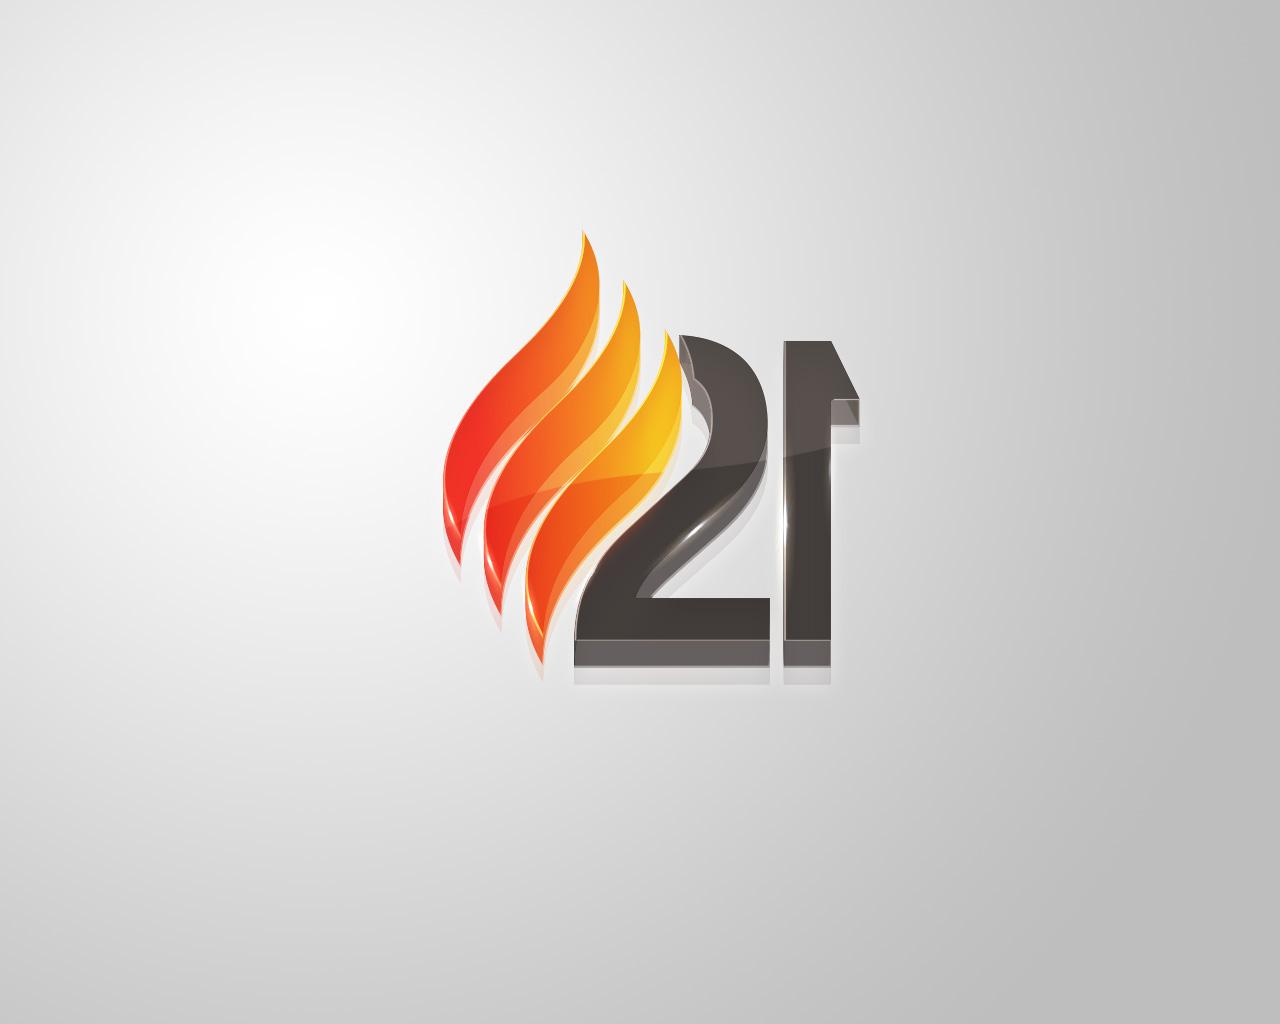 e21 logo by shahjee2